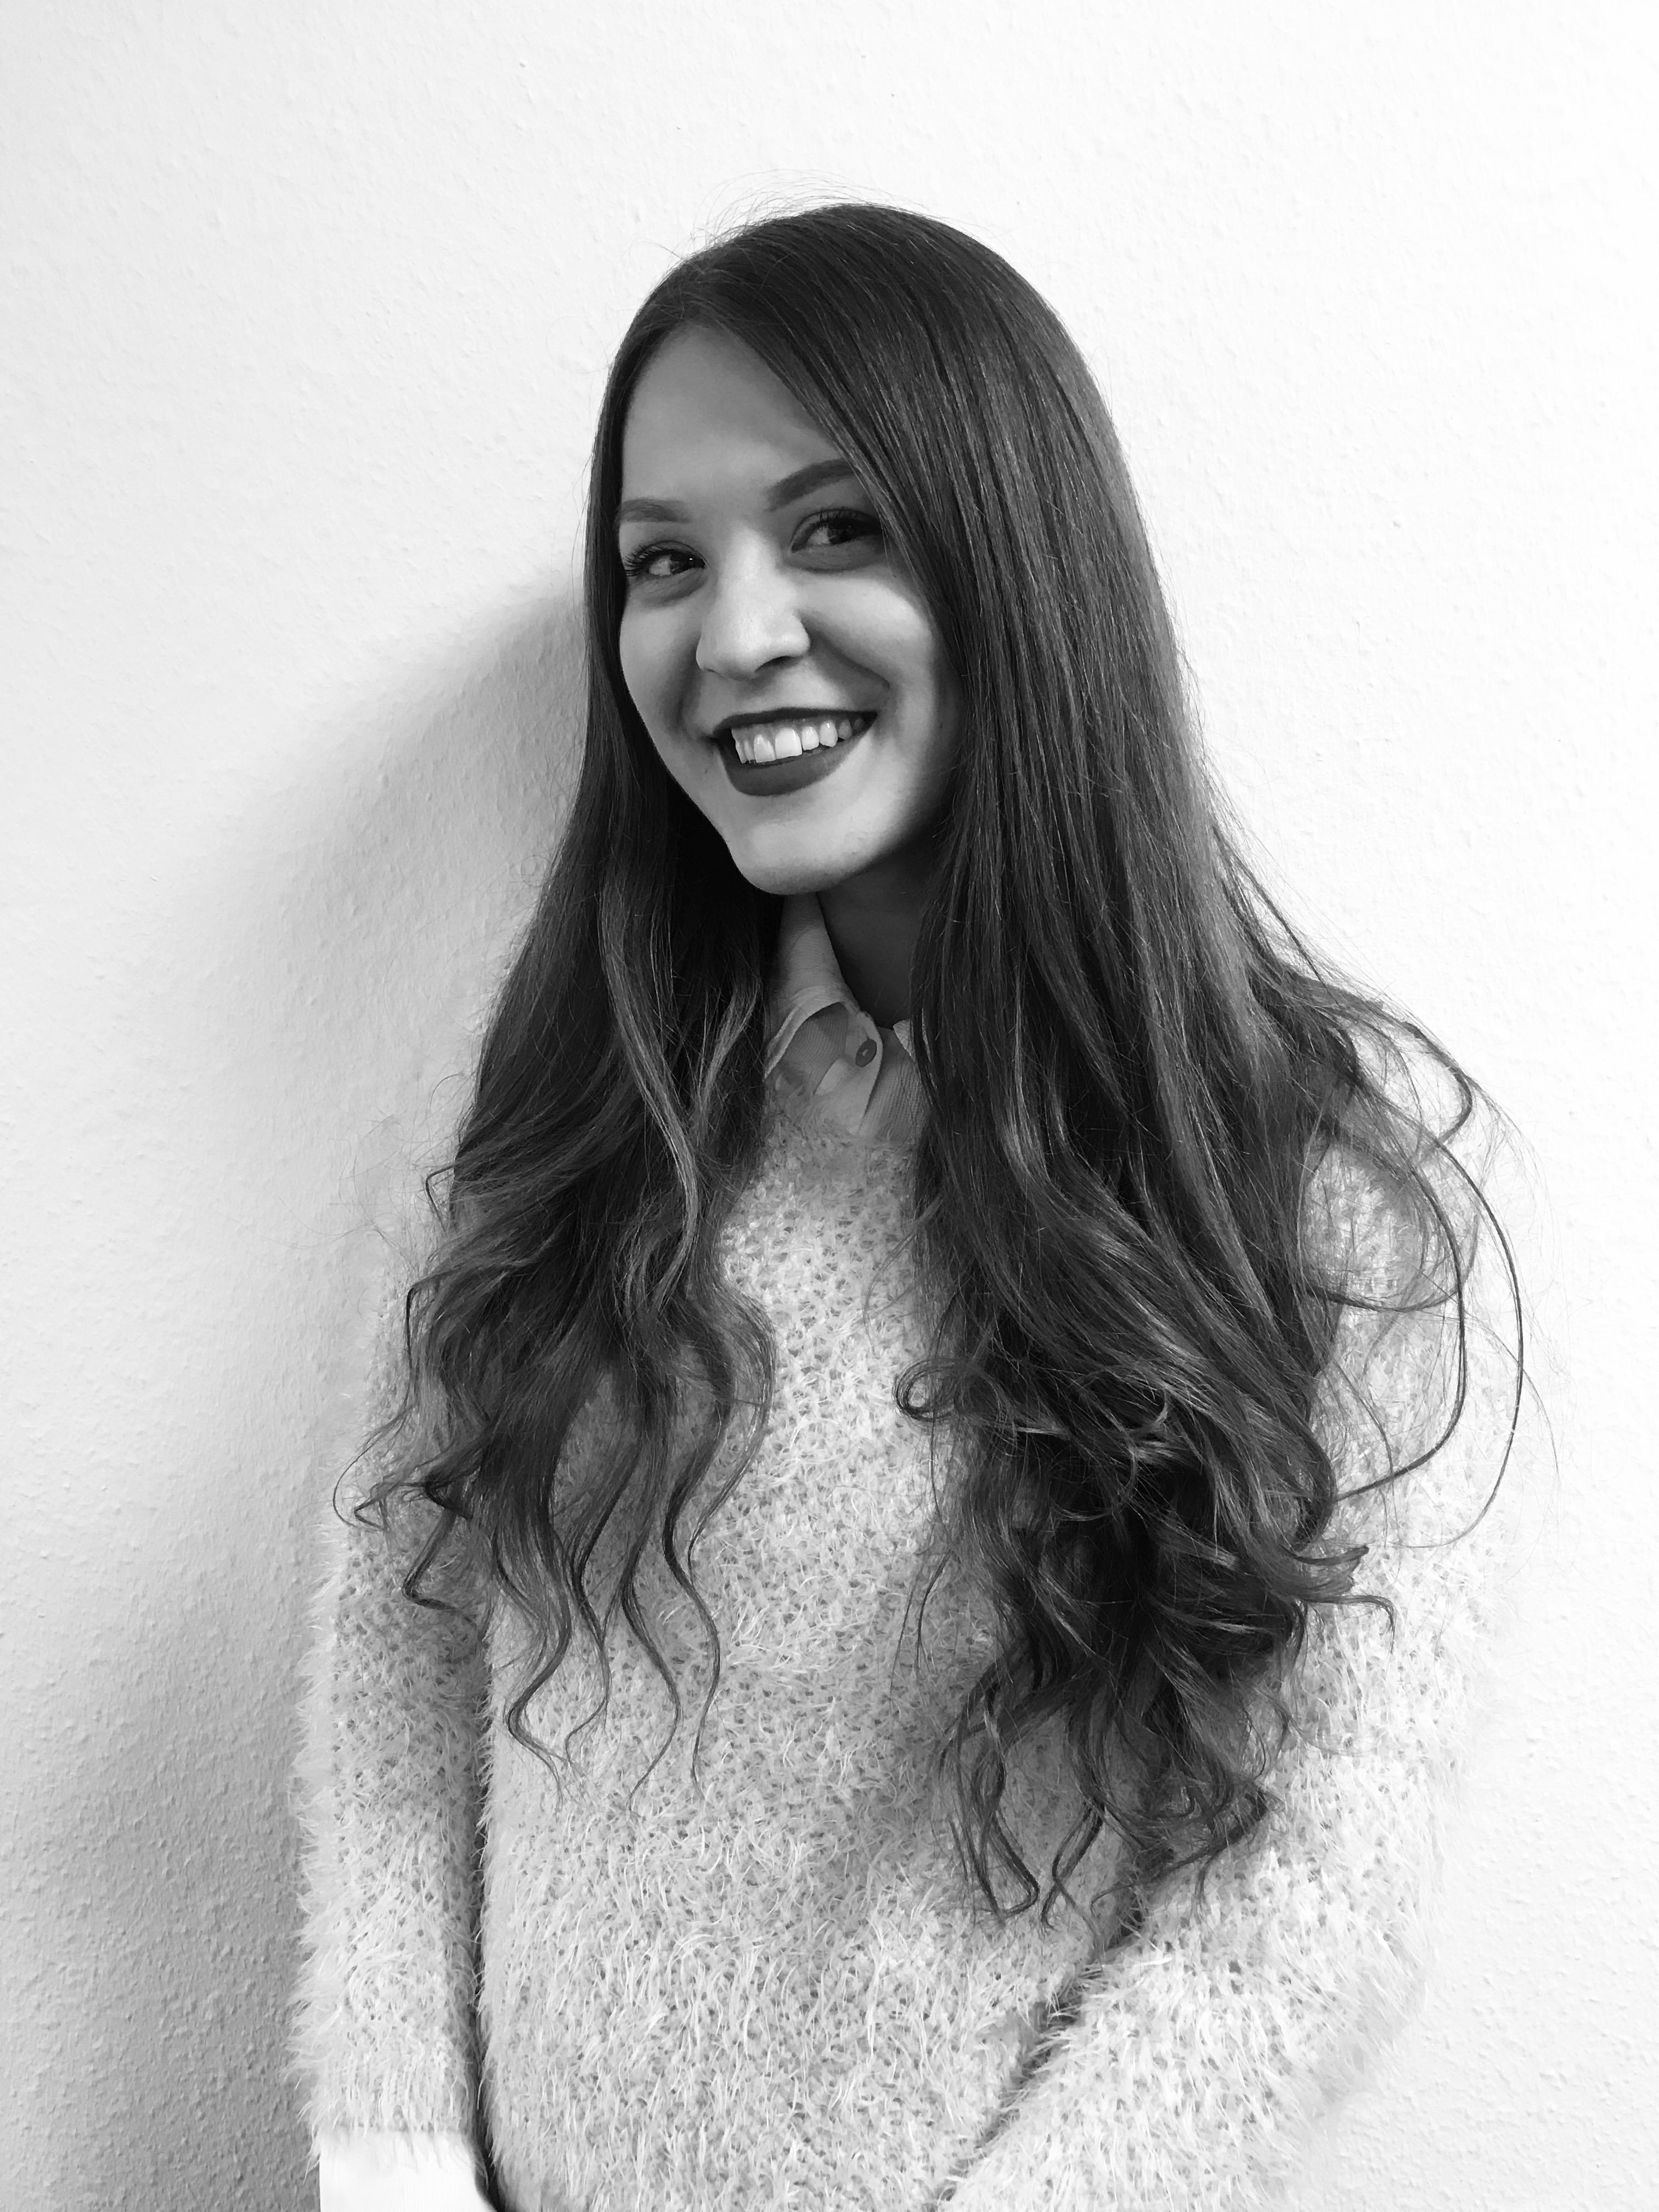 Kateryna Kysil